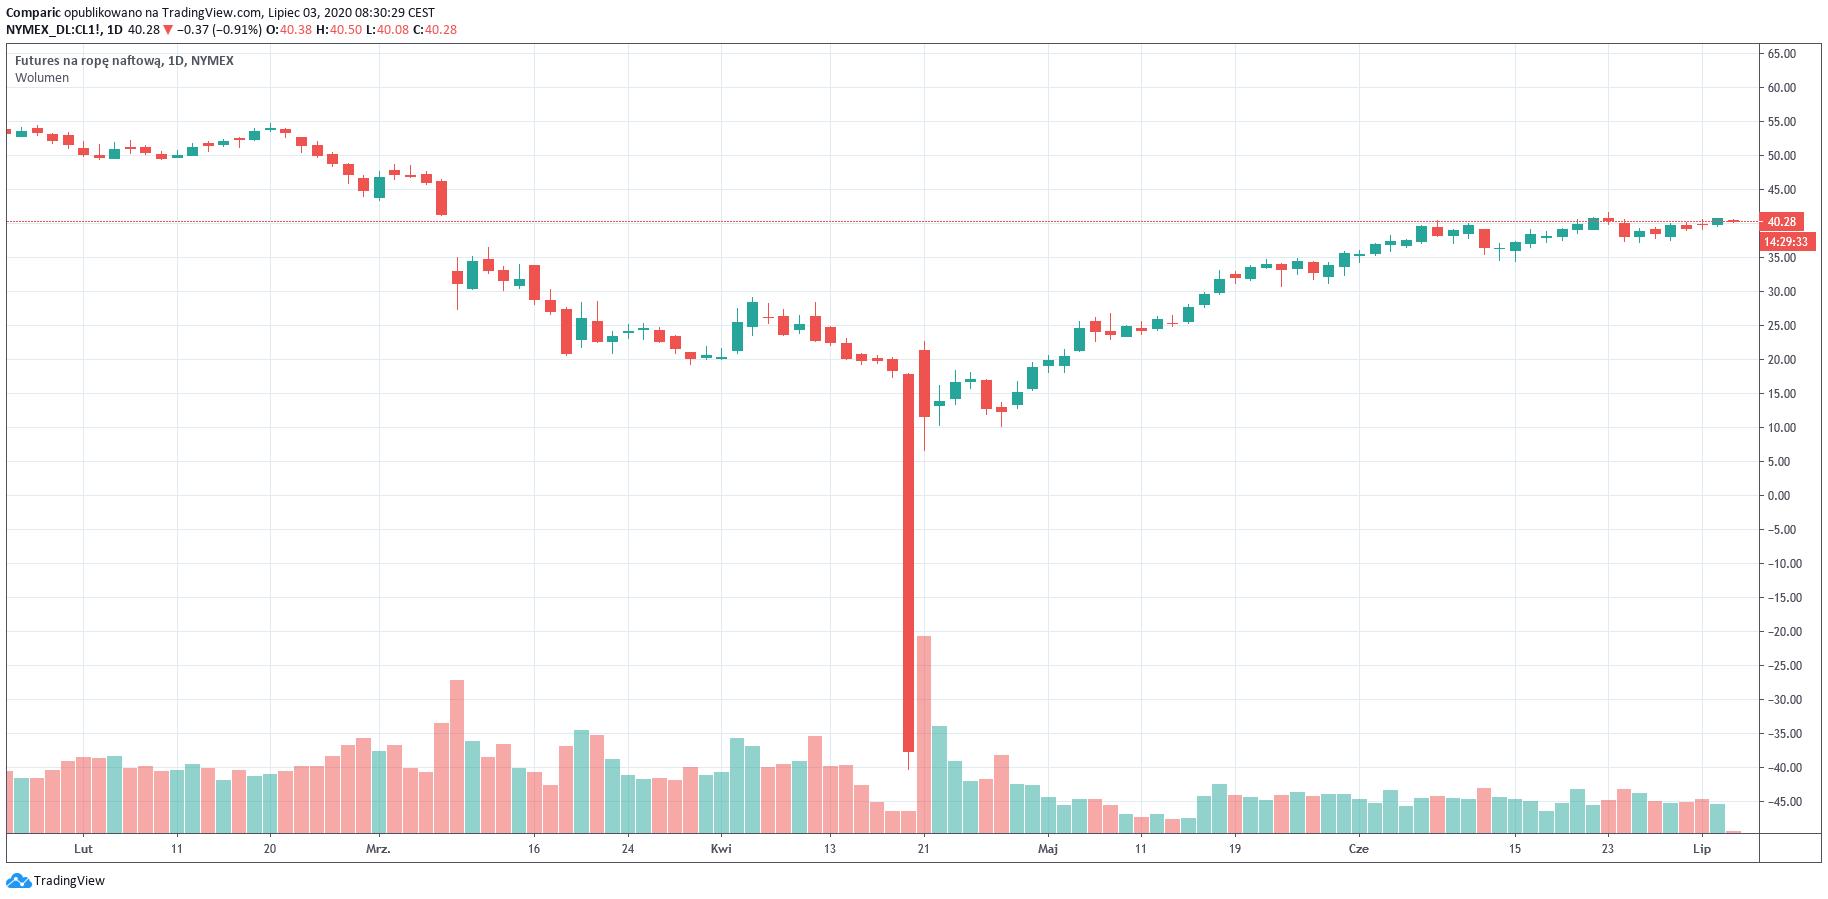 Ropa podrożeje aż o 60% w 12 miesięcy według Citigroup